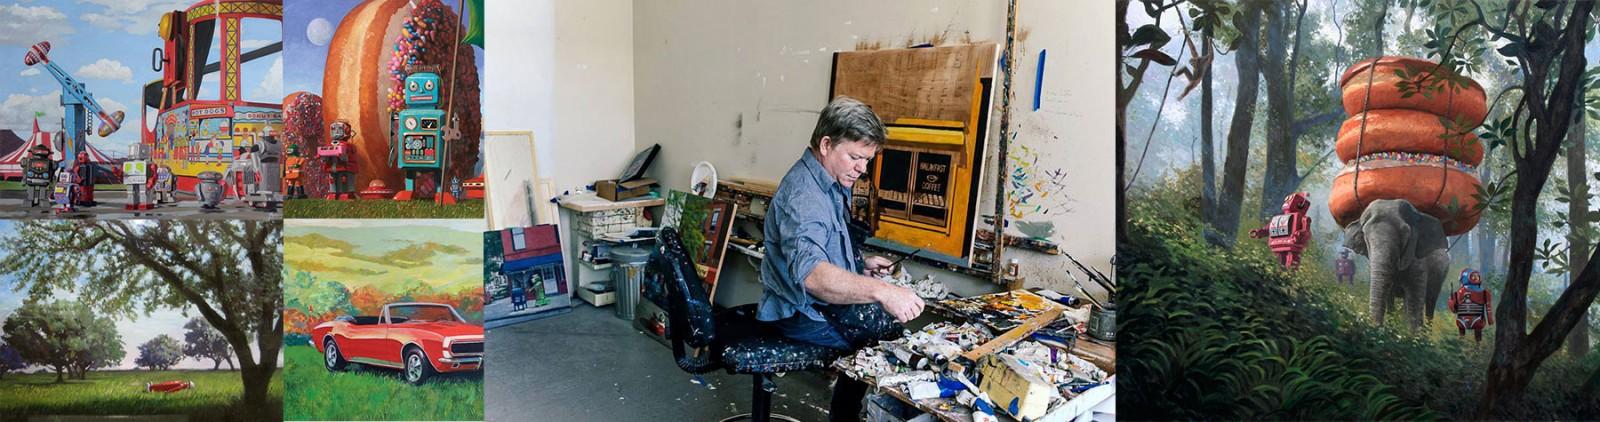 Eric Joyner in Studio